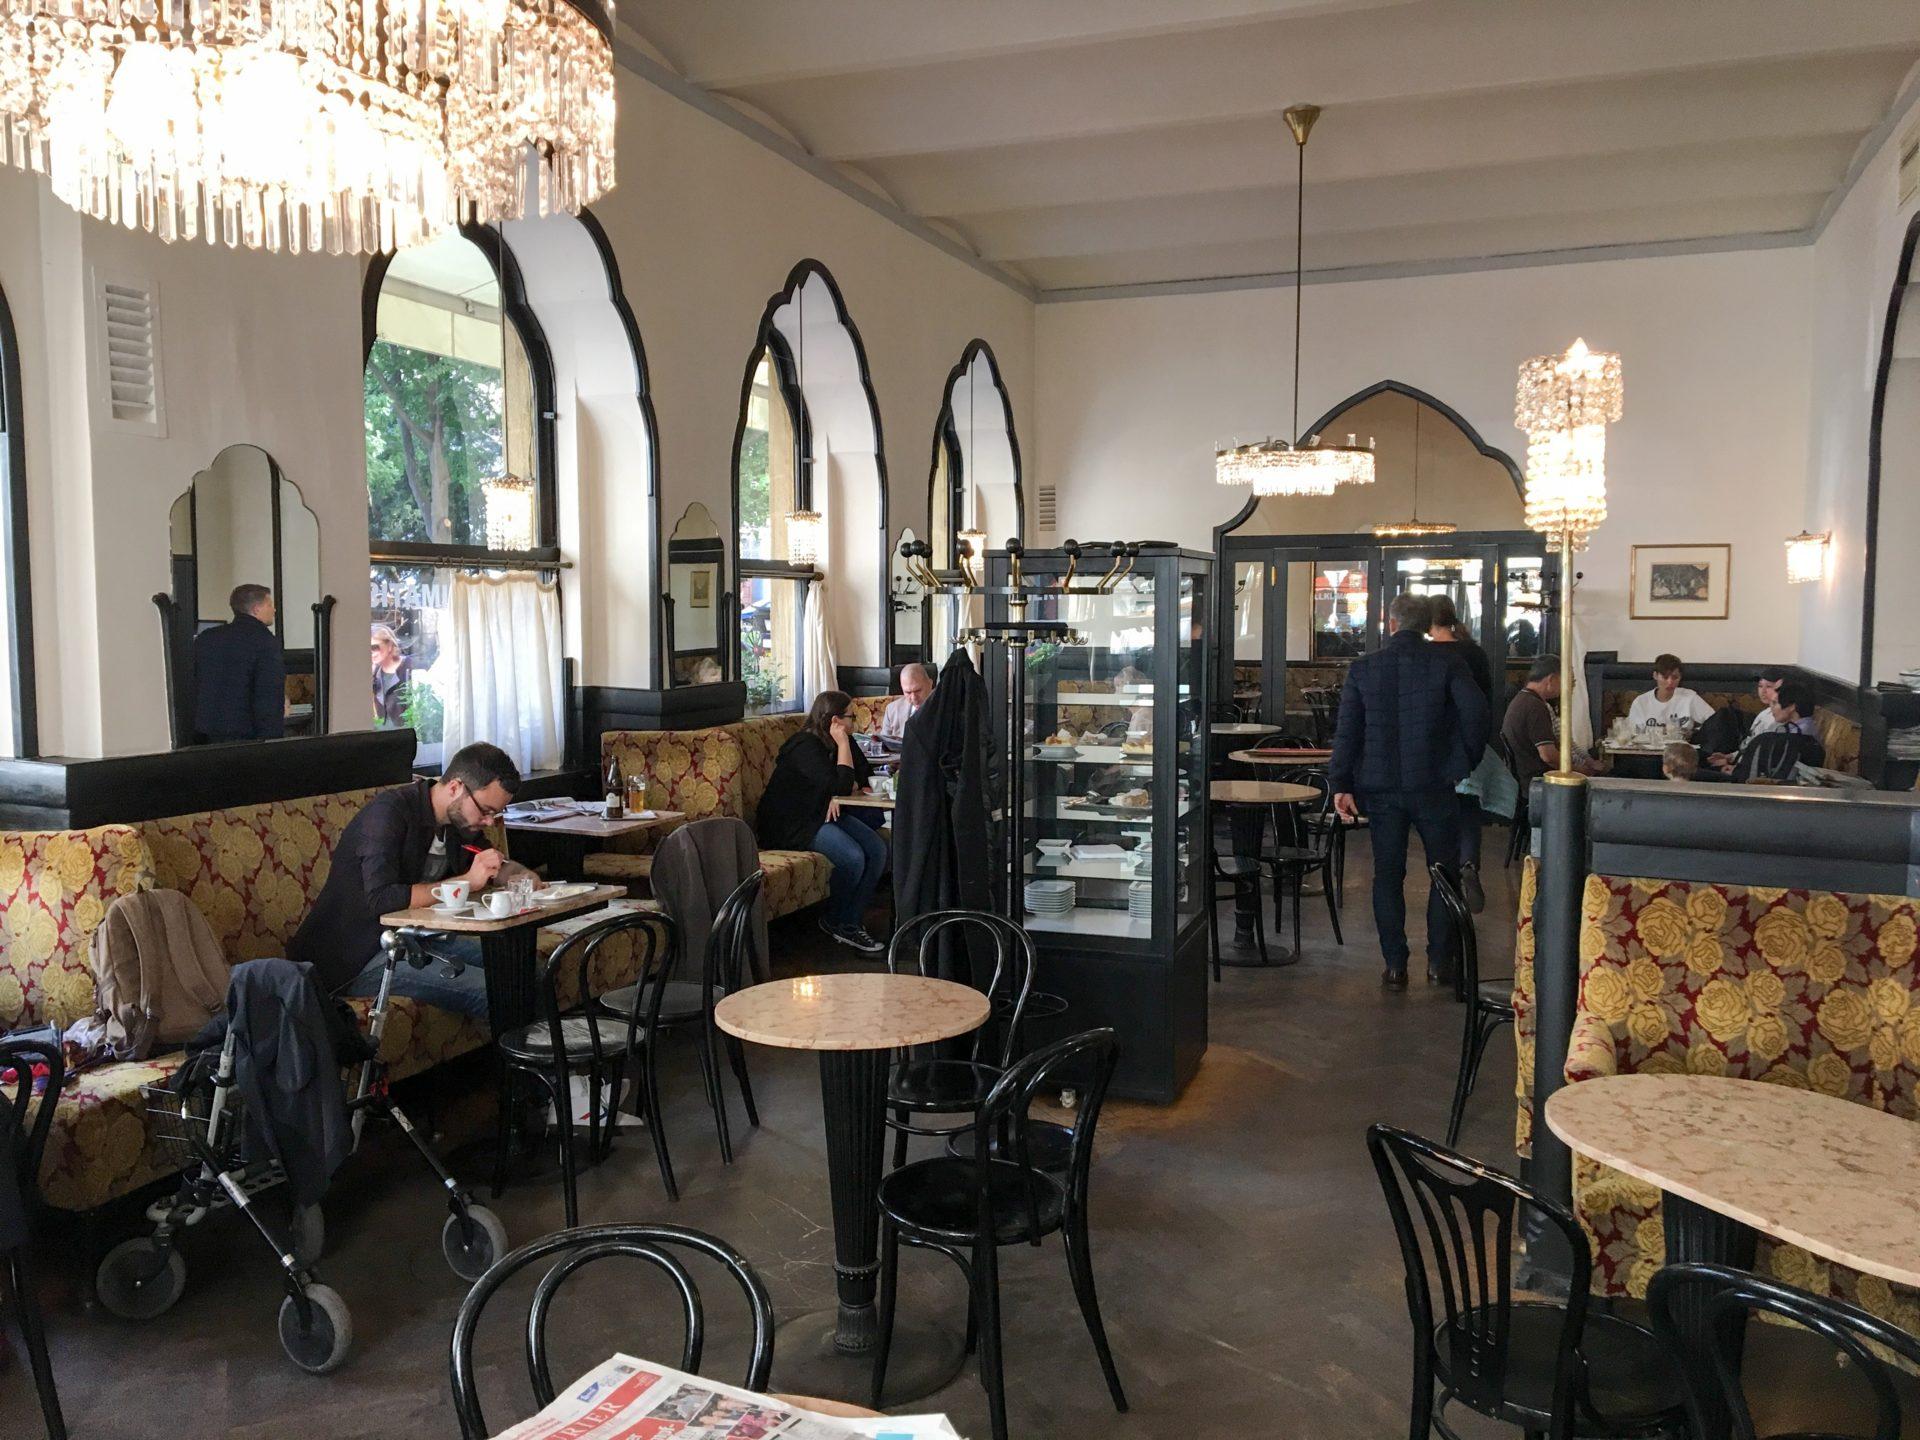 Cafe Tirolerhof Vienna Austria